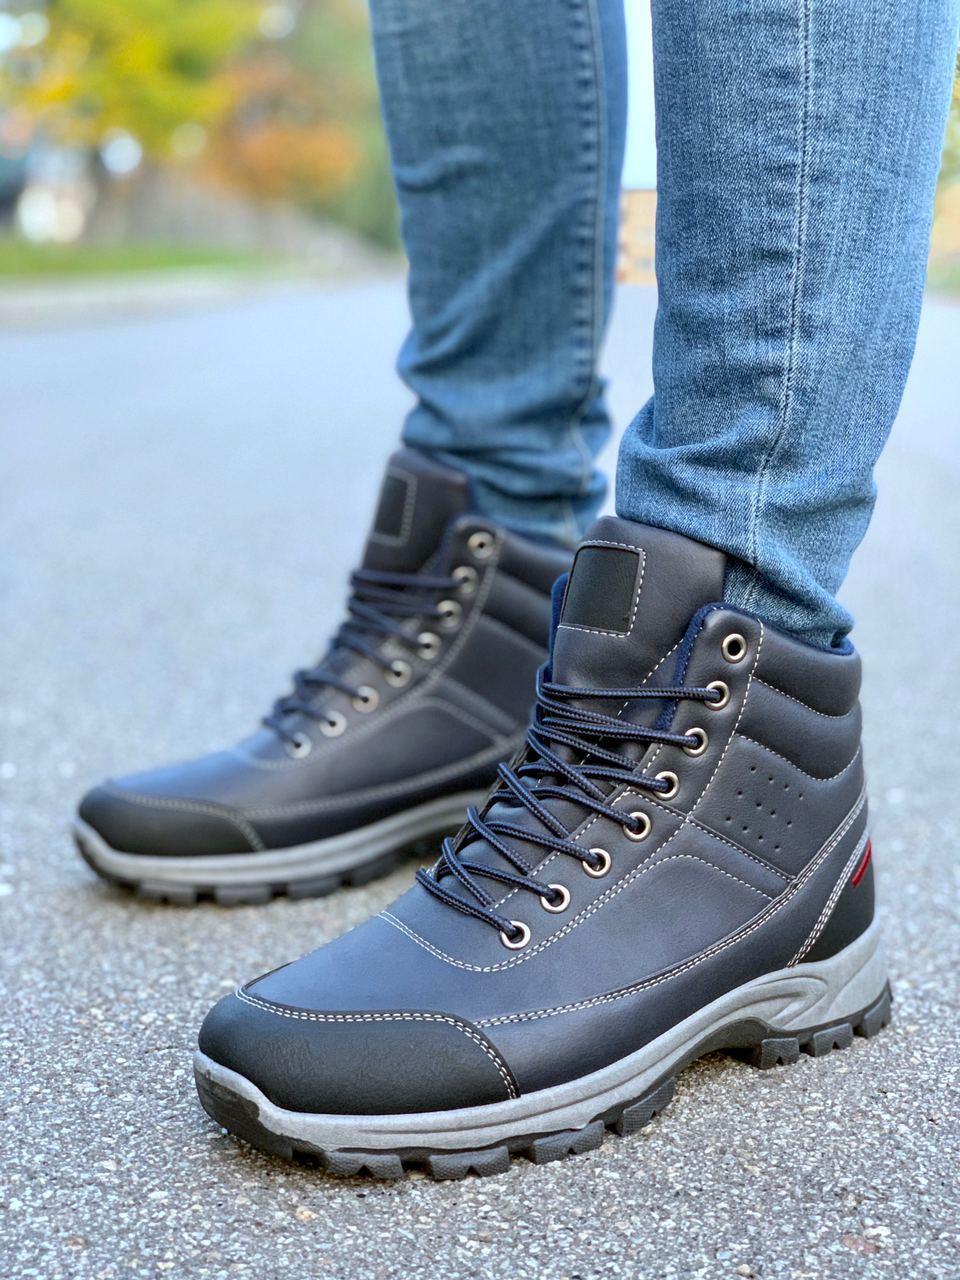 Мужские Ботинки Еврозима Мужская Обувь Размеры 41,42,43,44,45